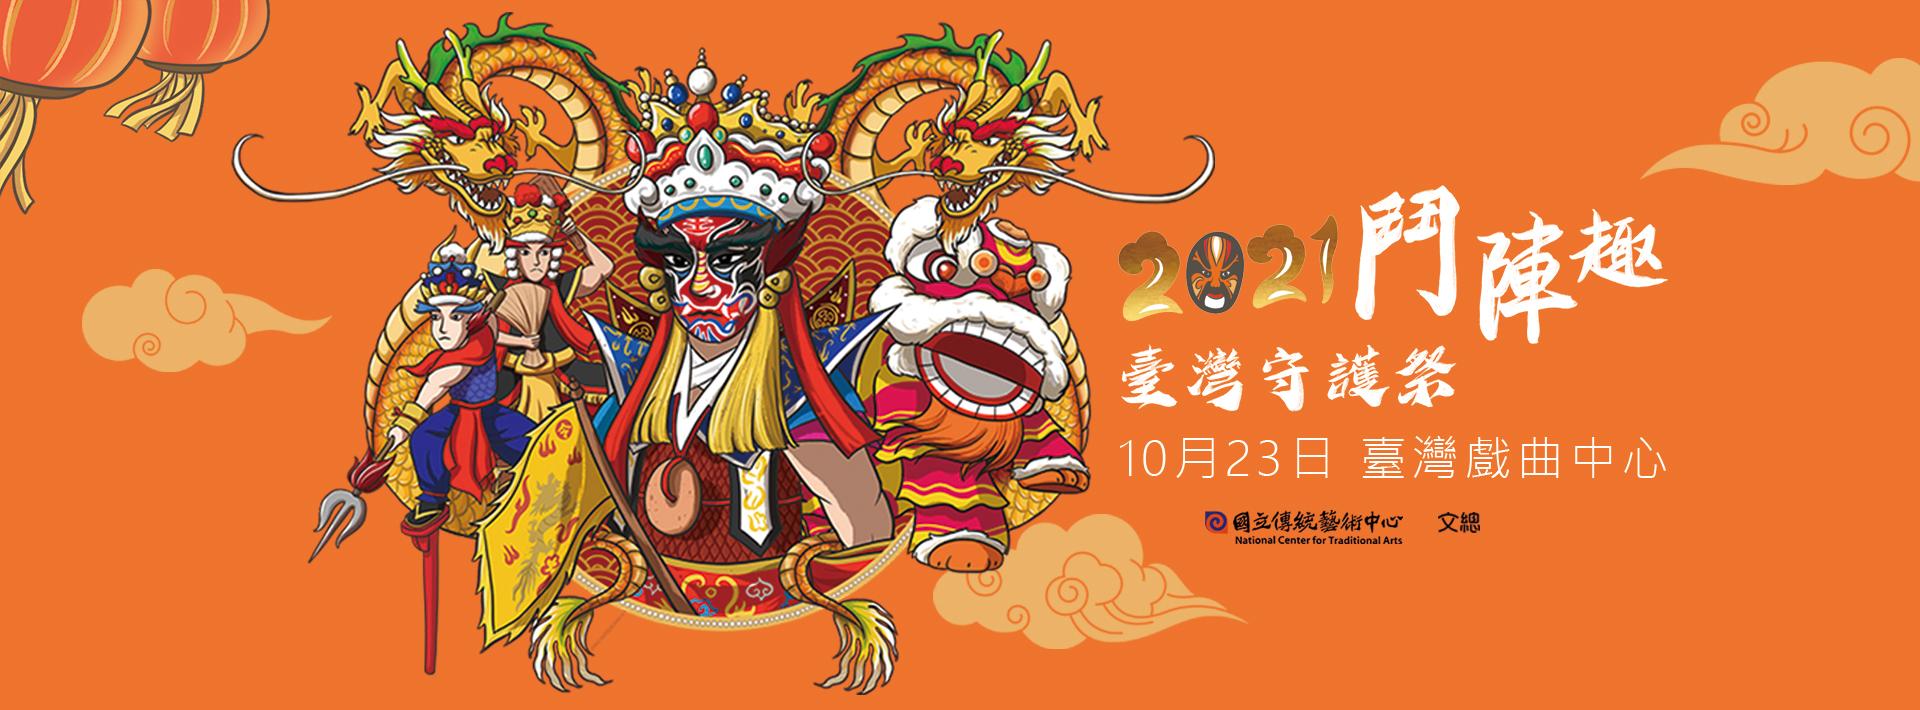 2021「鬥陣趣」臺灣守護祭「另開新視窗」